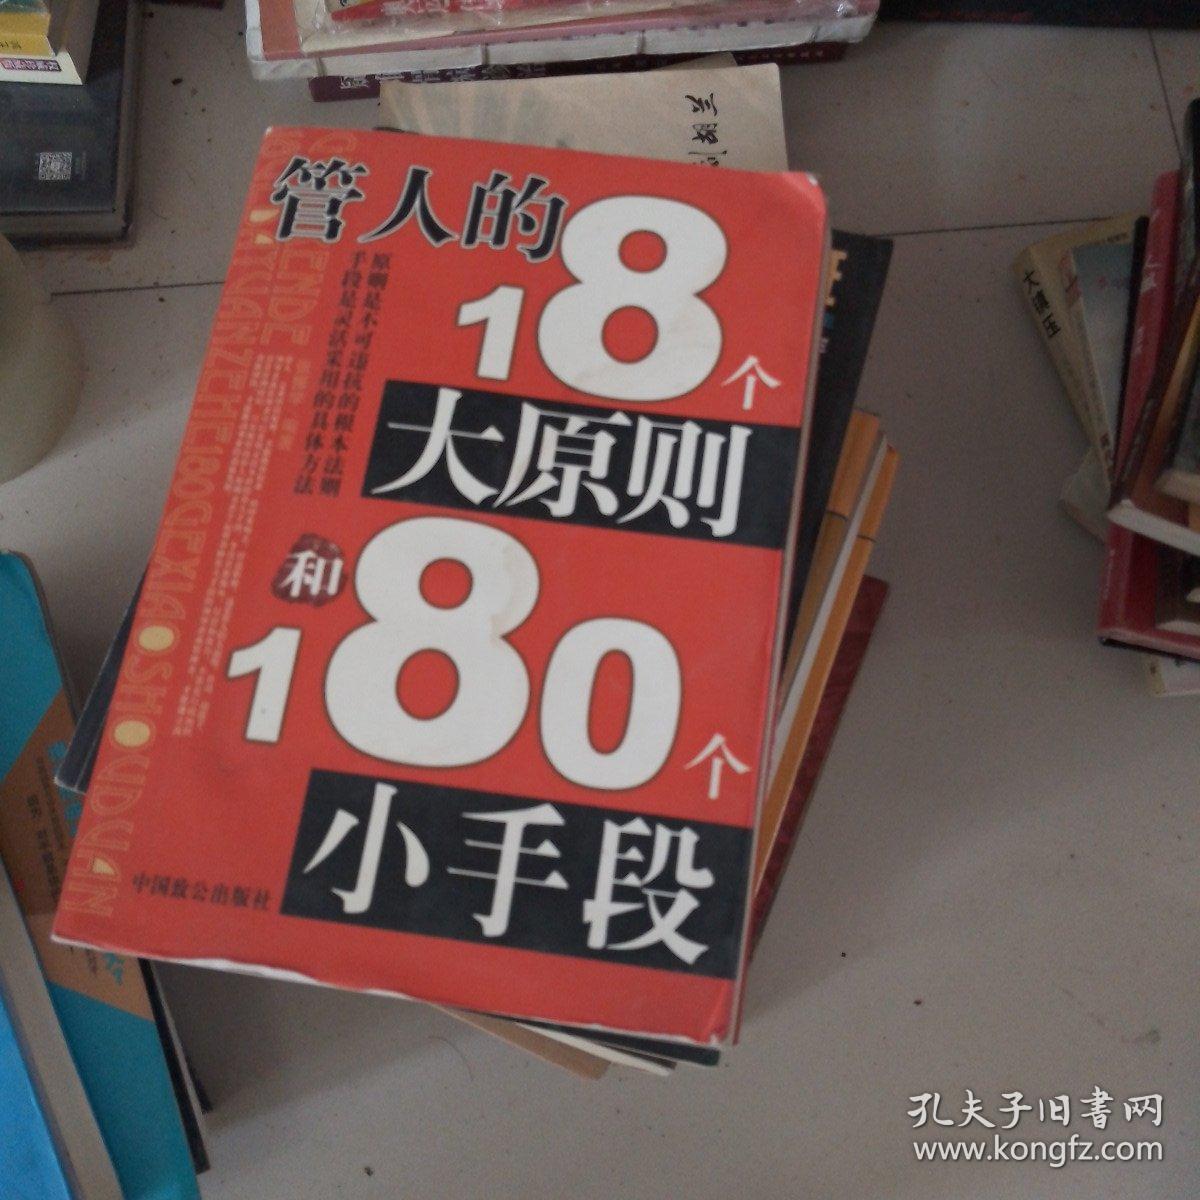 管人的18个大原则和180个小手段